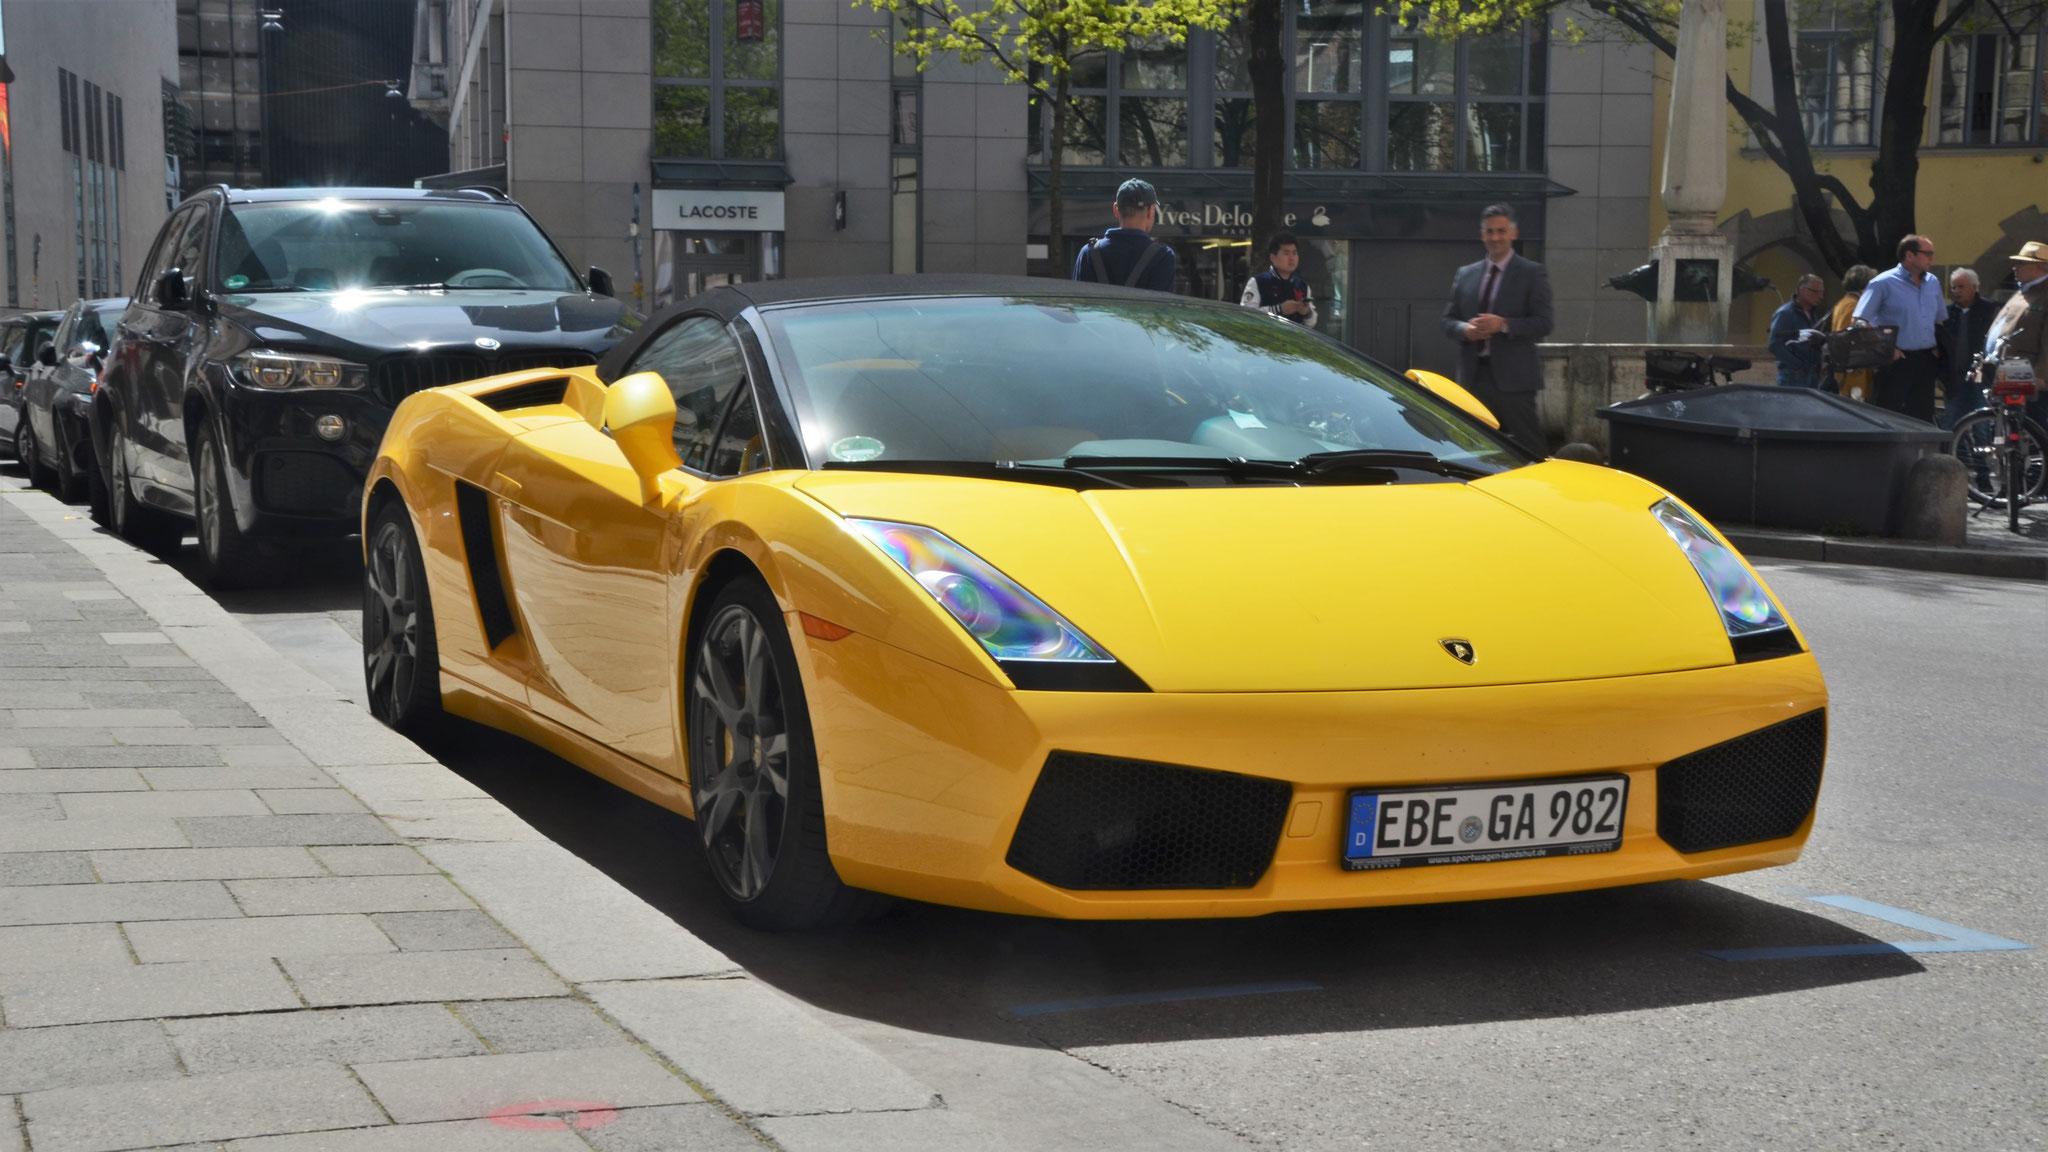 Lamborghini Gallardo Spyder - EBE-GA-982